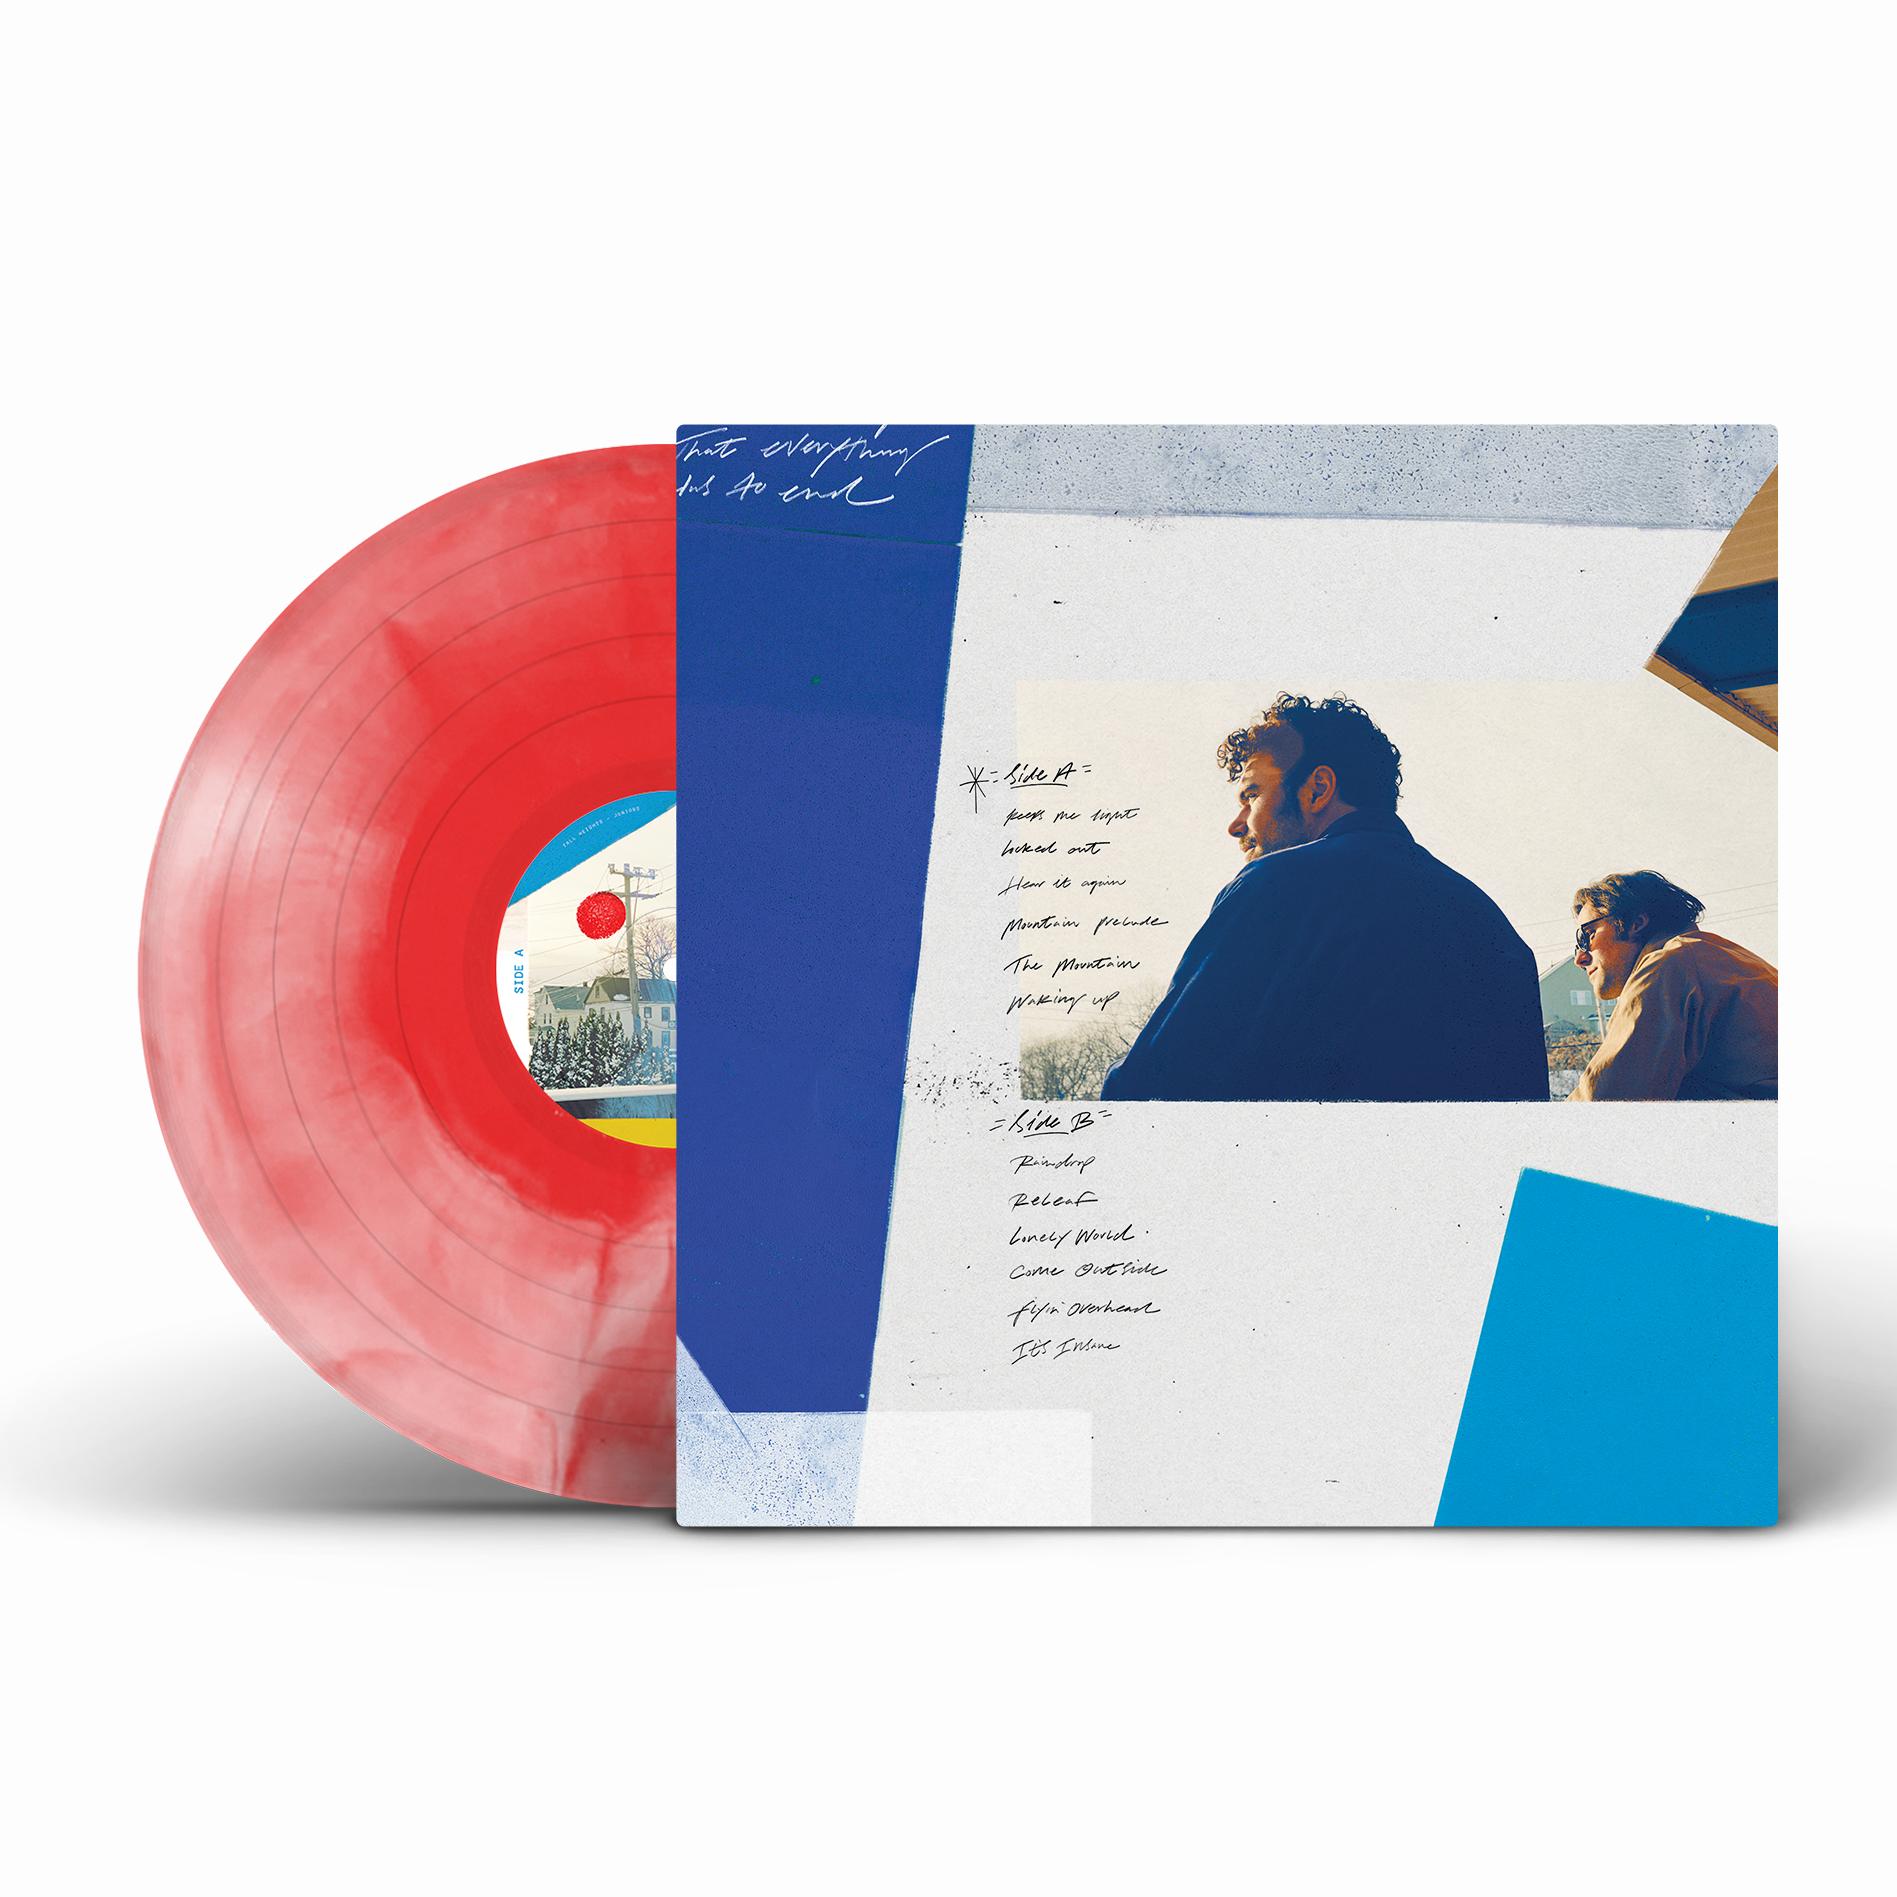 Juniors Vinyl - Ruby & White Swirl [Signed Pre-Order]